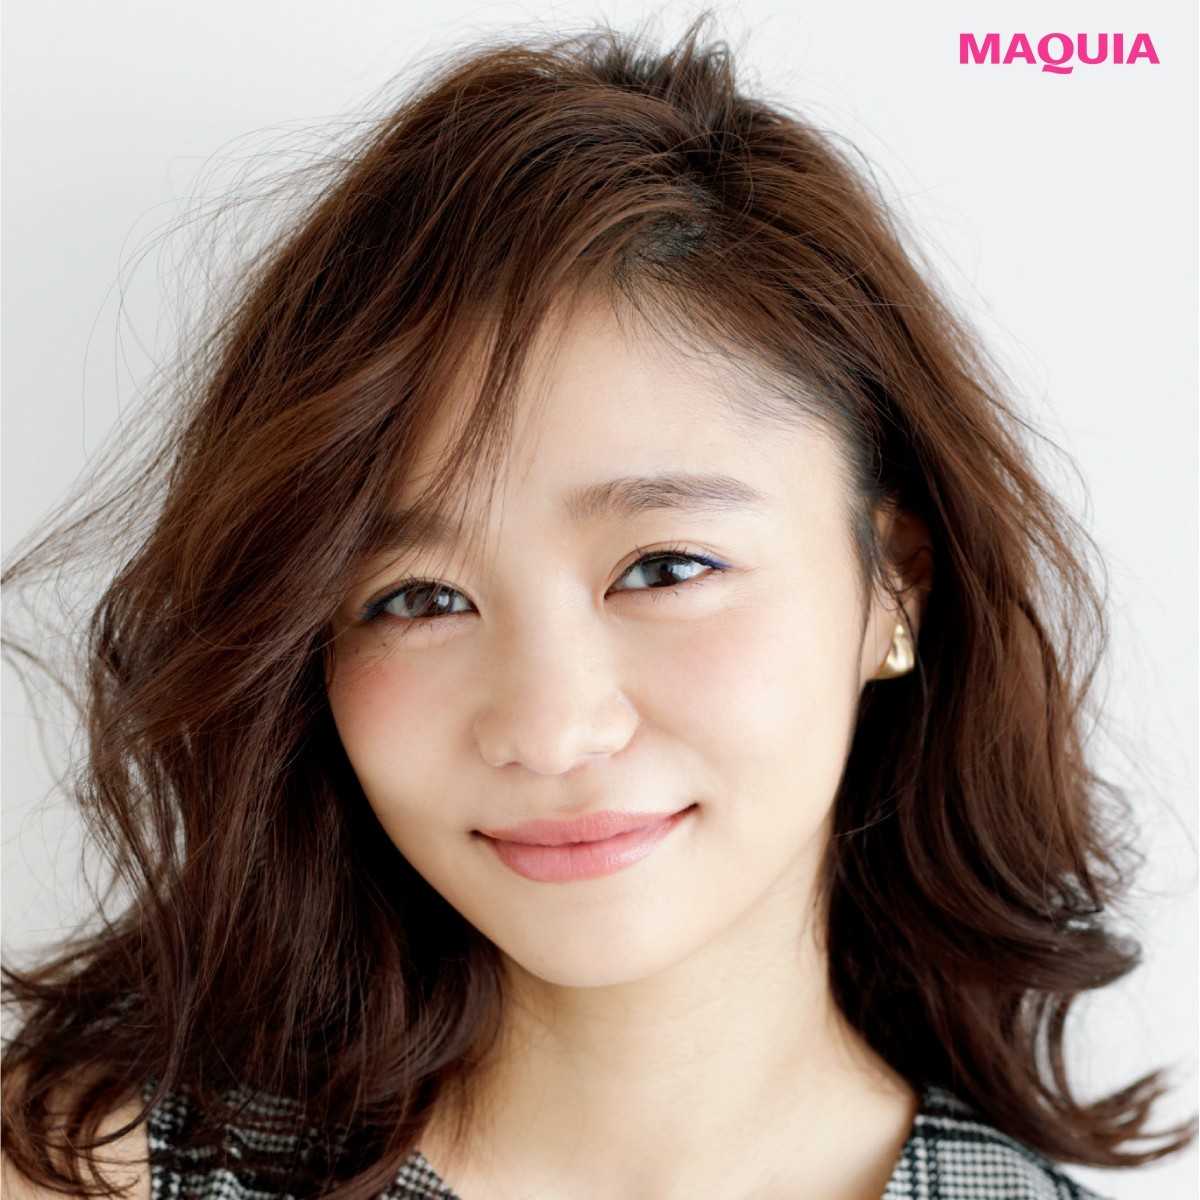 「今日なんか可愛い♡」を誘う前髪トレンド見本帖